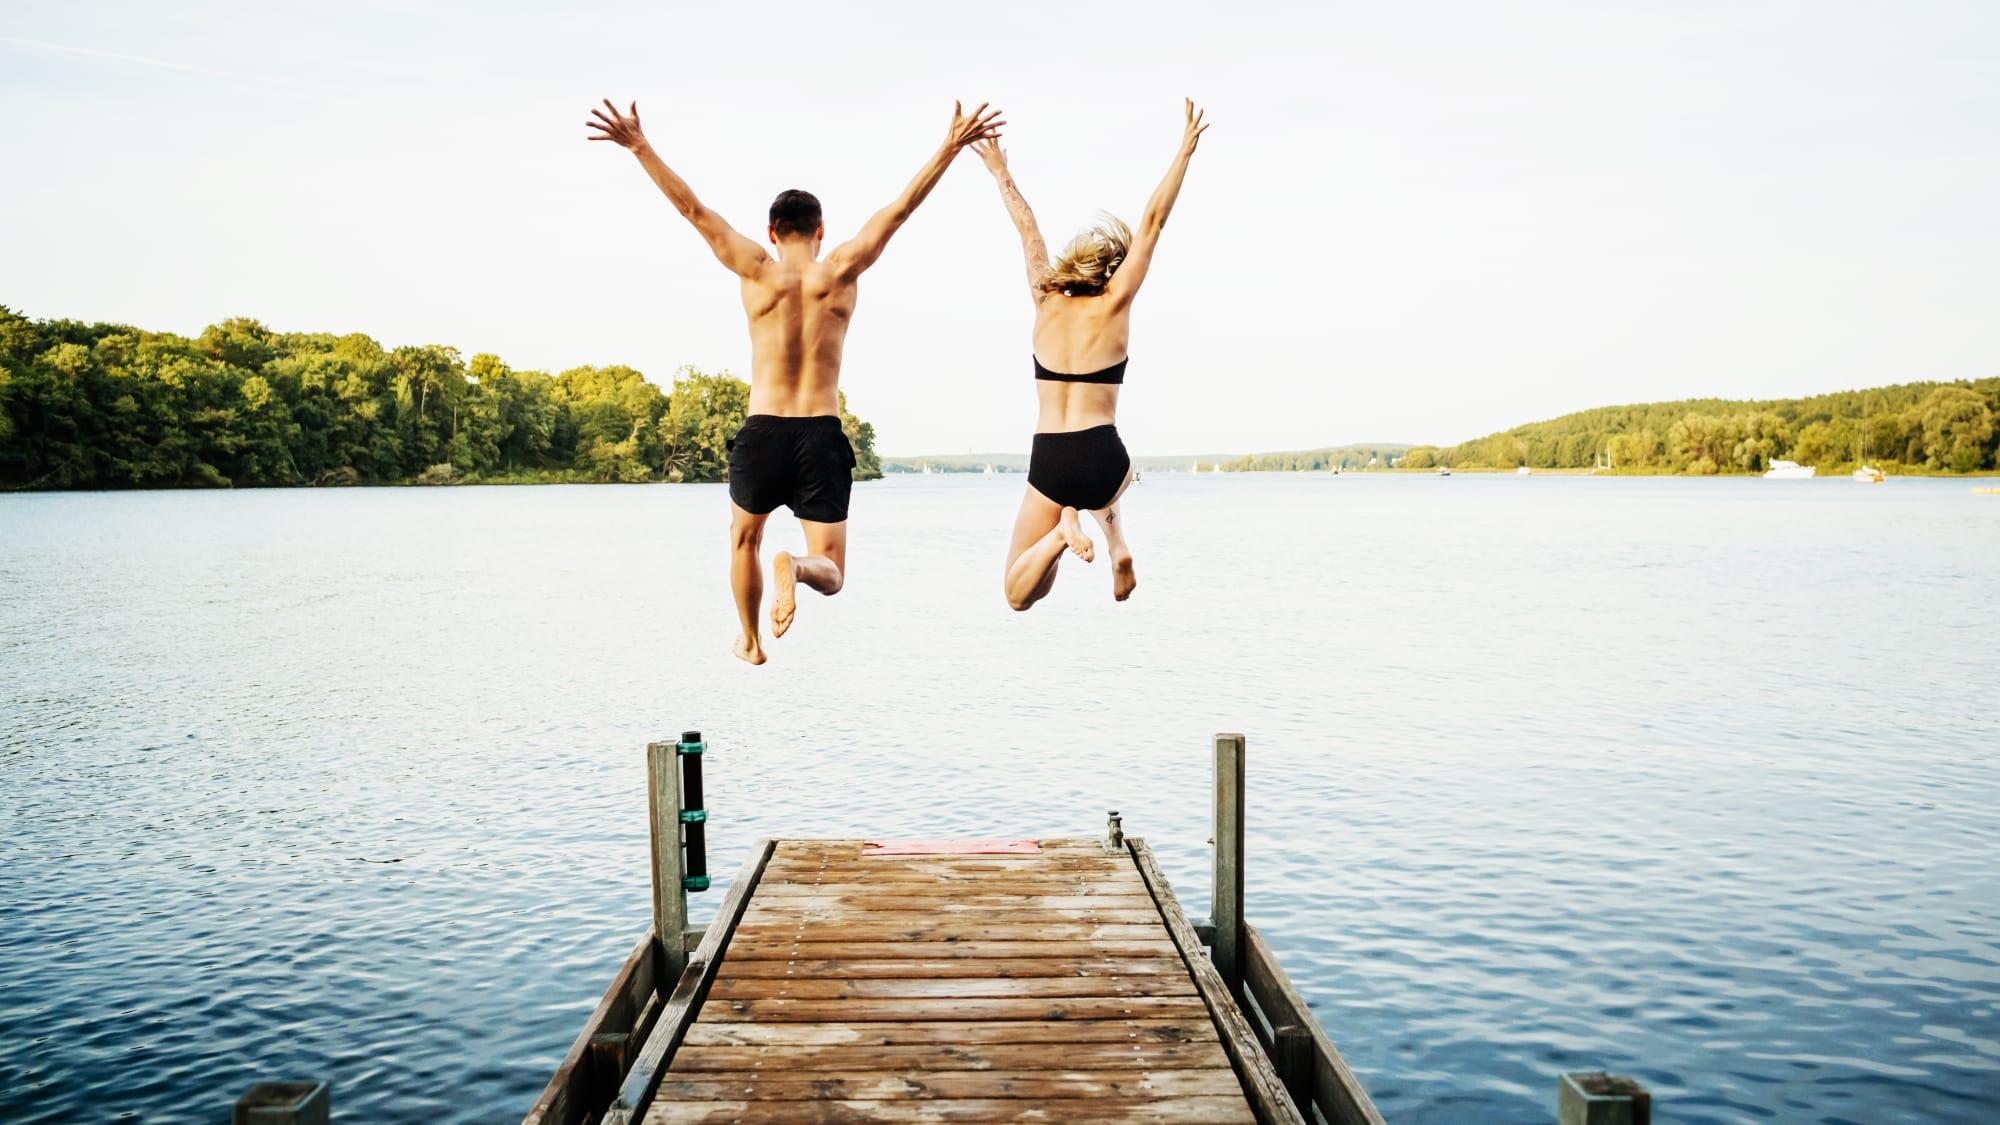 Mann und Frau springen von einem Steg aus in einen See